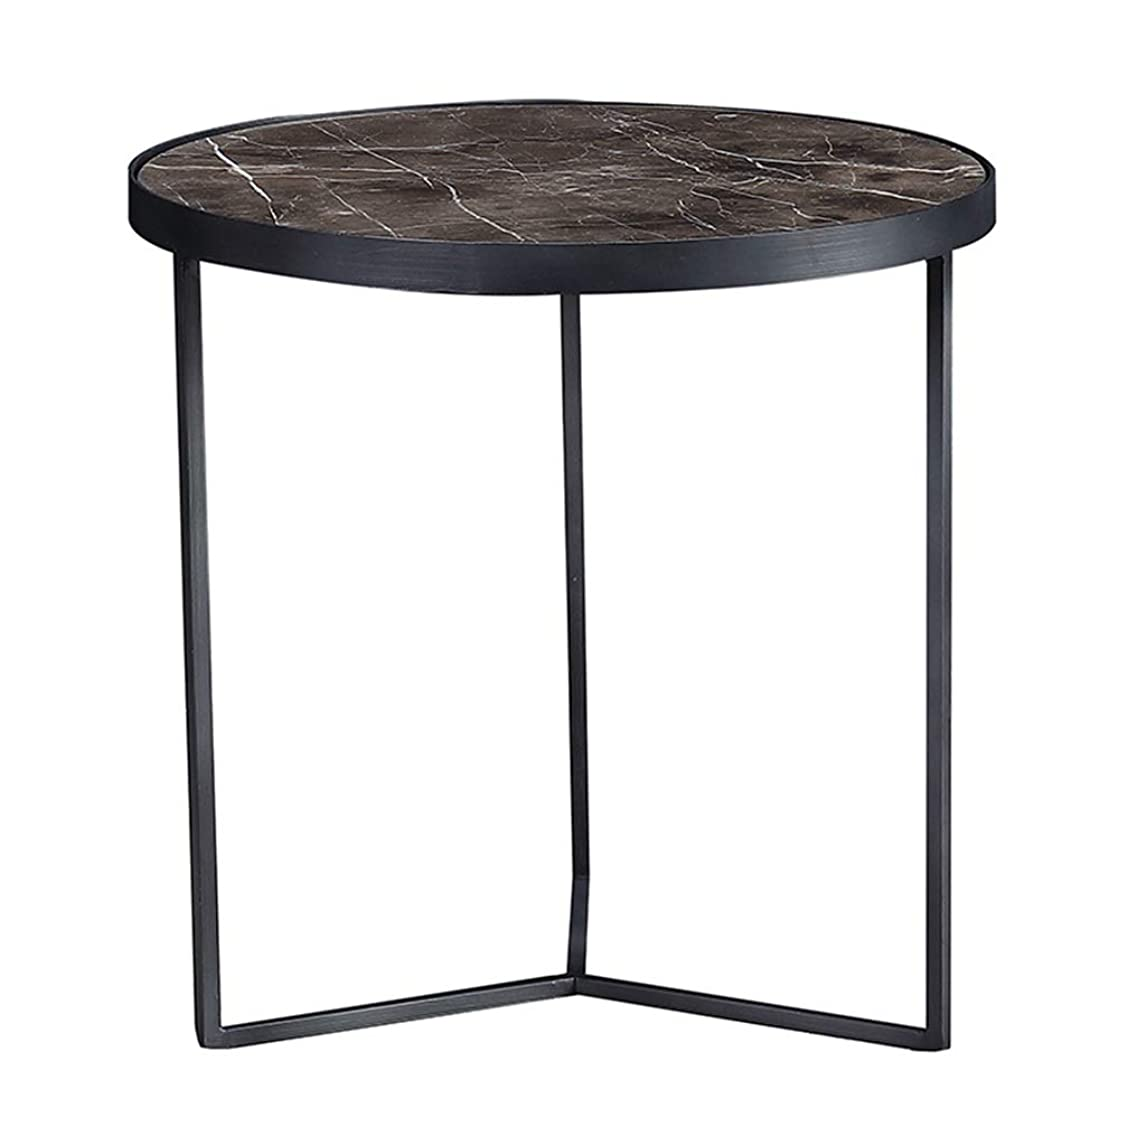 バケットのみ伝導シンプルサイドテーブル/錬鉄製コーヒーテーブル、大理石の卓上、金属製フレーム、ホームリビングルーム、ベッドルーム、バルコニー、丸型、黒、(サイズ:50.5×50.5×50.5cm)